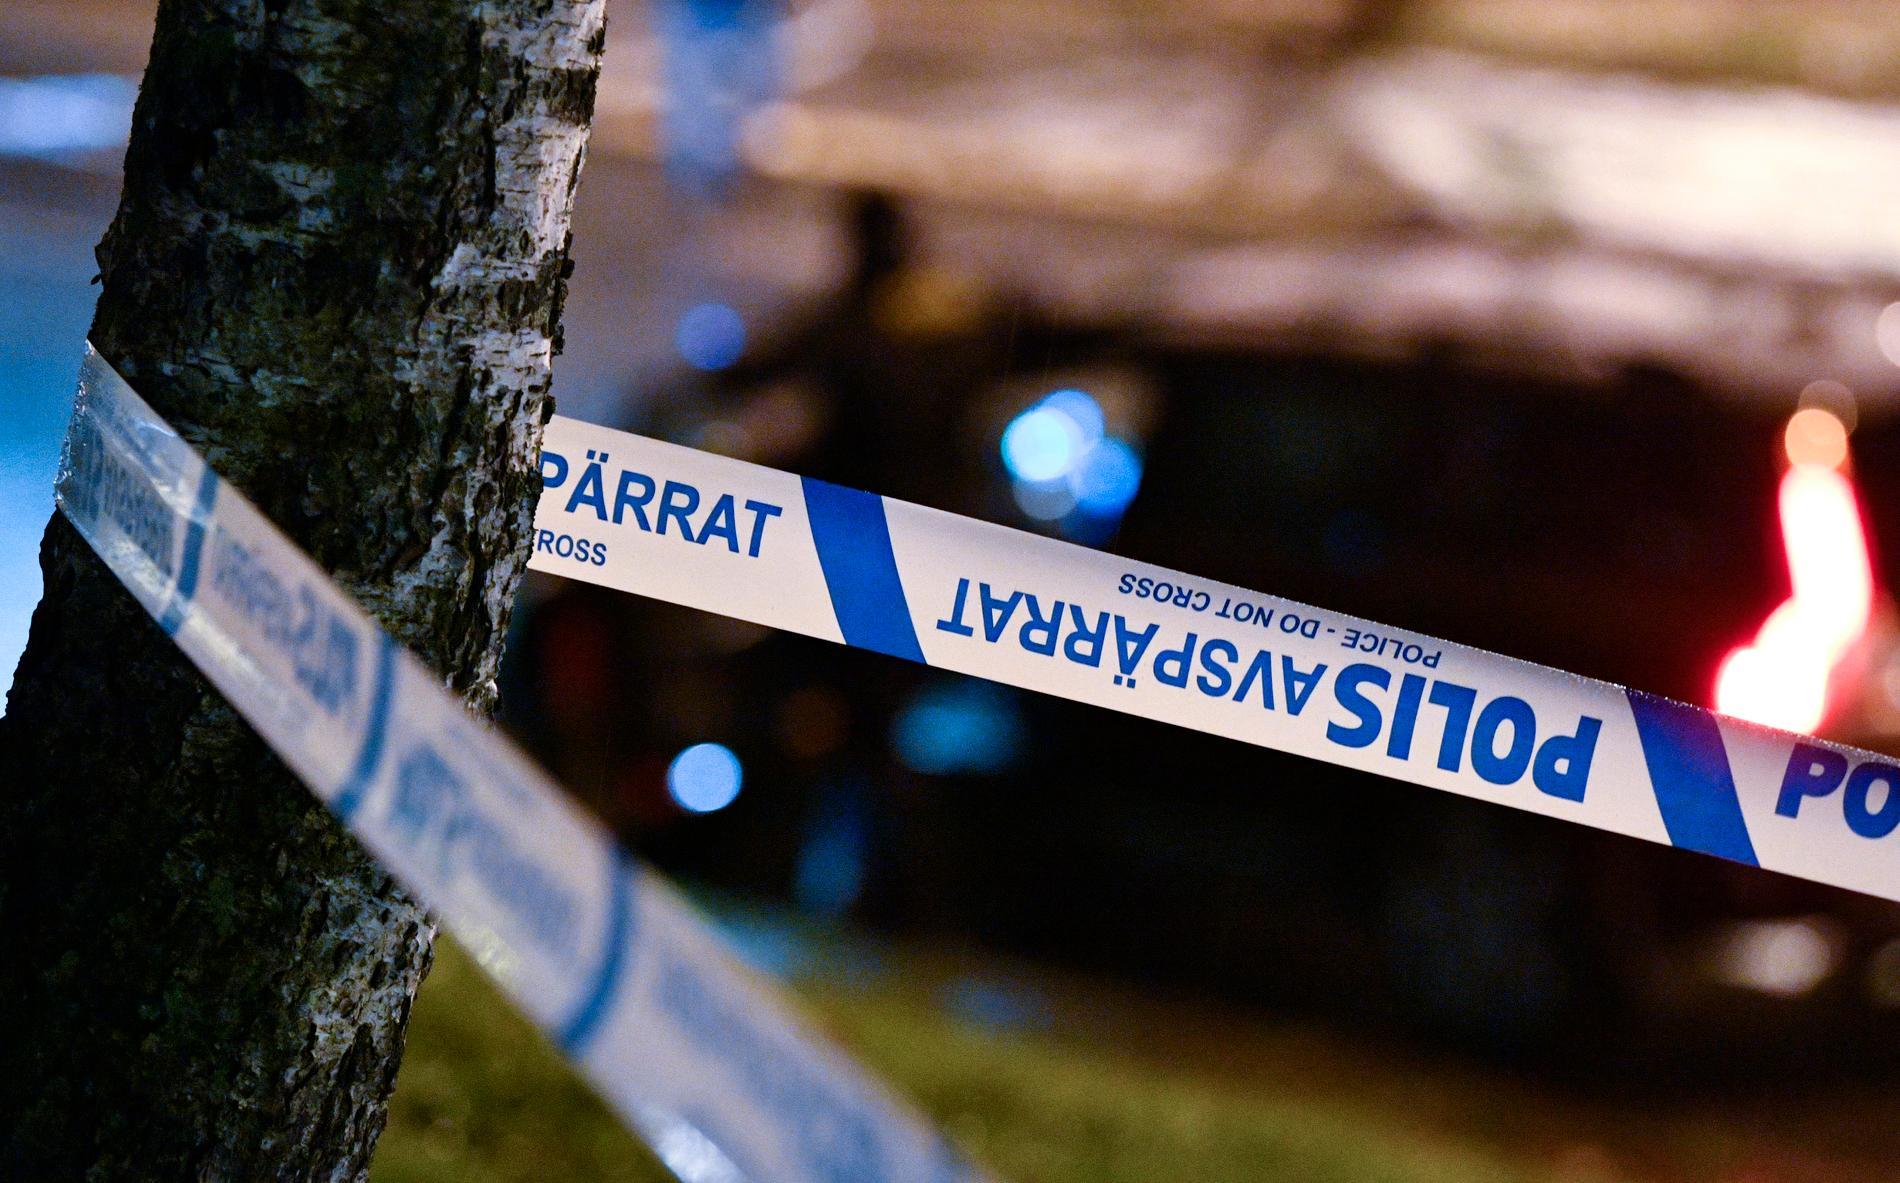 En person har hittats avliden i Sollefteå kommun, enligt Polisen. Arkivbild.